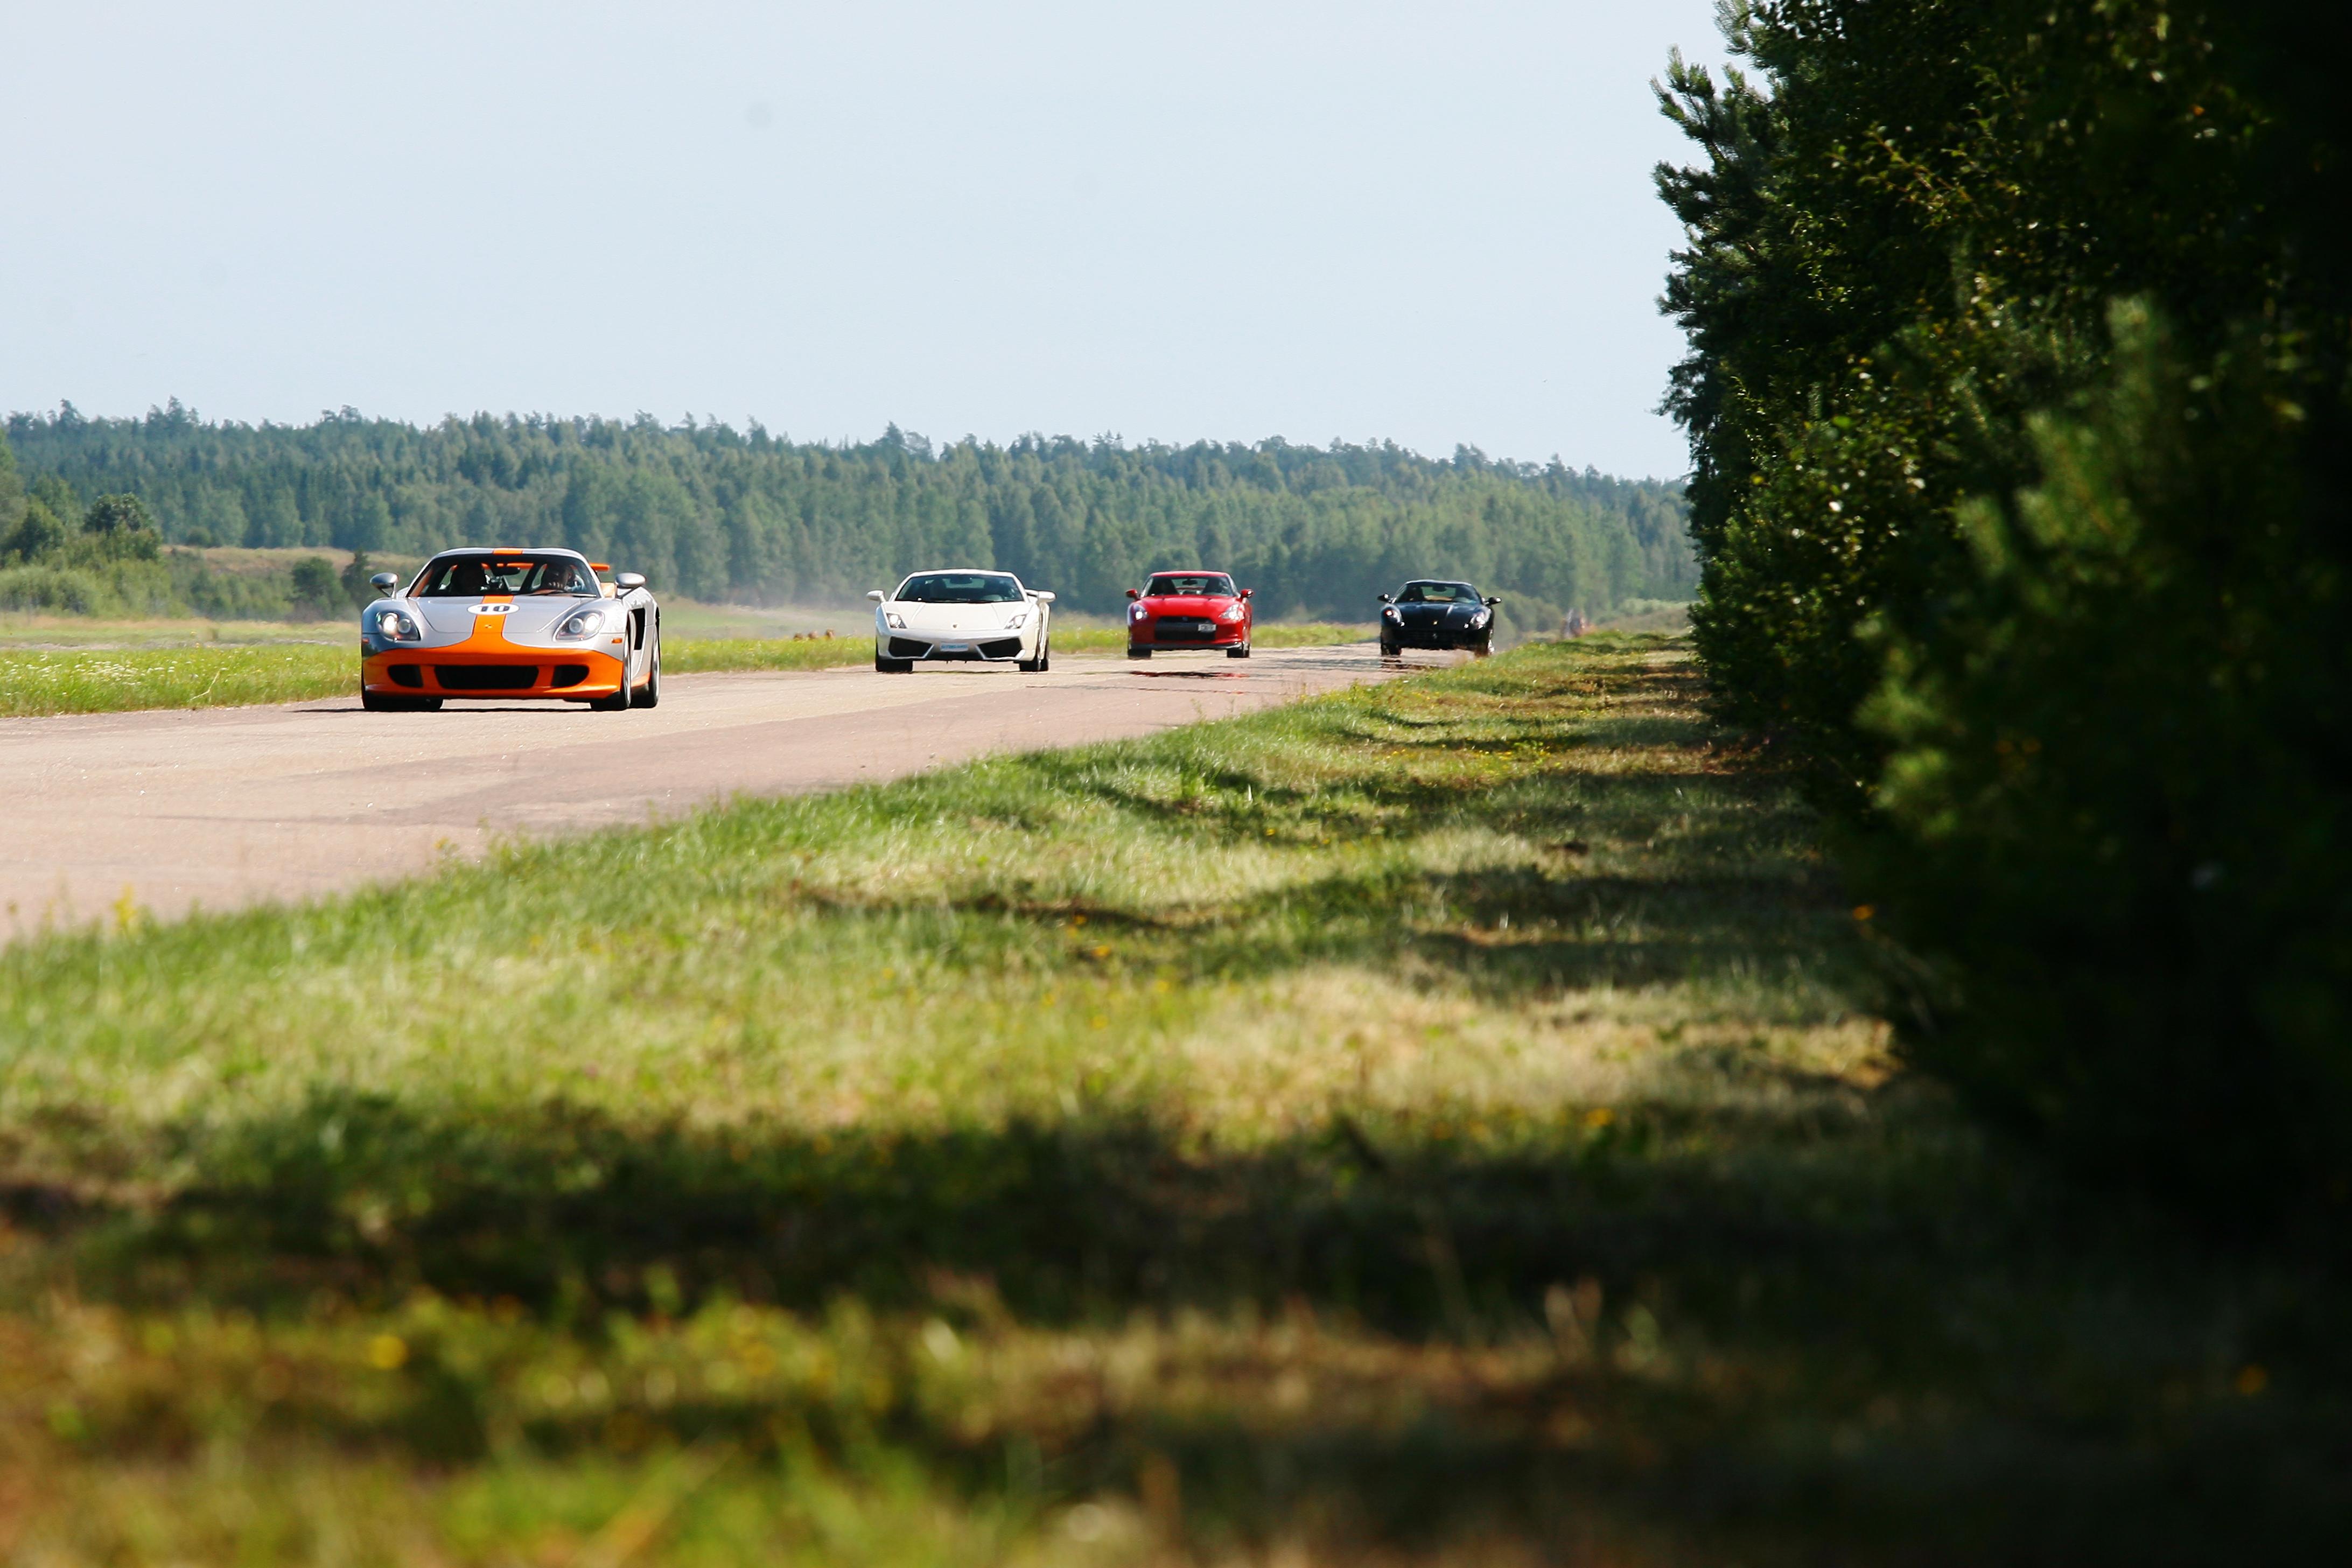 BMW M5, Porsche Carrera GT